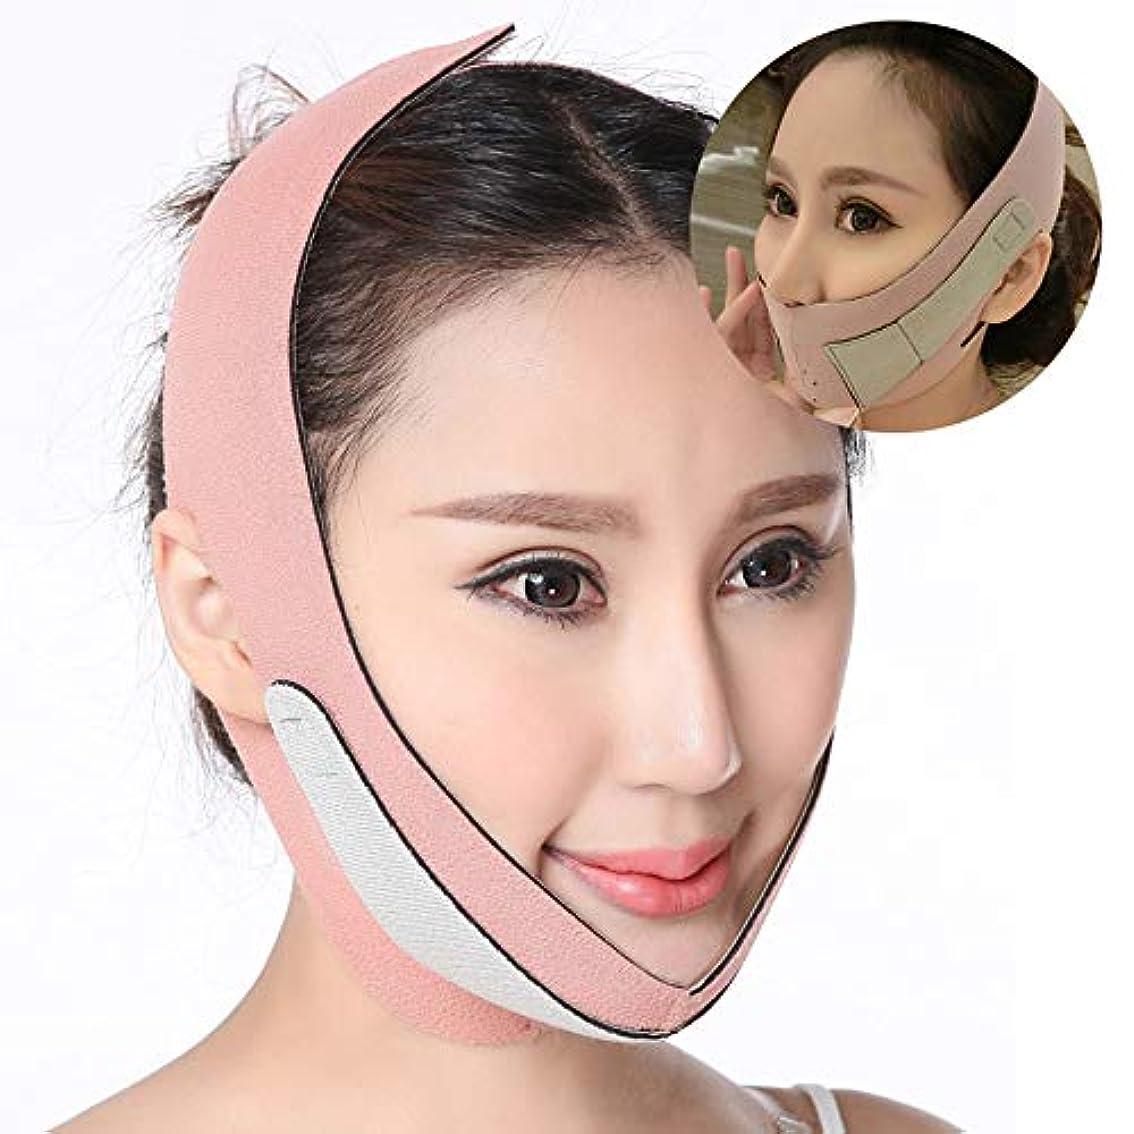 アフリカ人舌話すVフェイスラインベルトチンチークスリムリフトアップアンチリンクルは、超薄型マスクストラップバンドVフェイスラインのベルトストラップ通気性のフェイススリミング包帯マスク